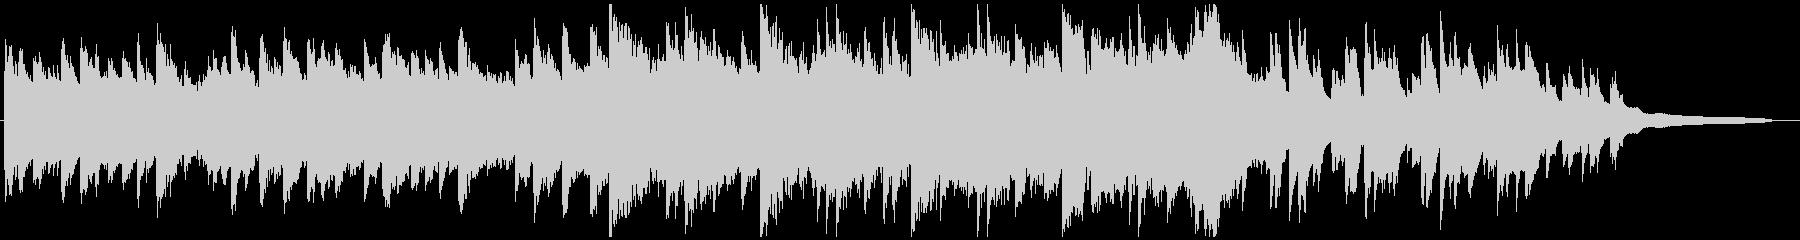 VP系7、ピアノ&オーケストラ、感動的Cの未再生の波形